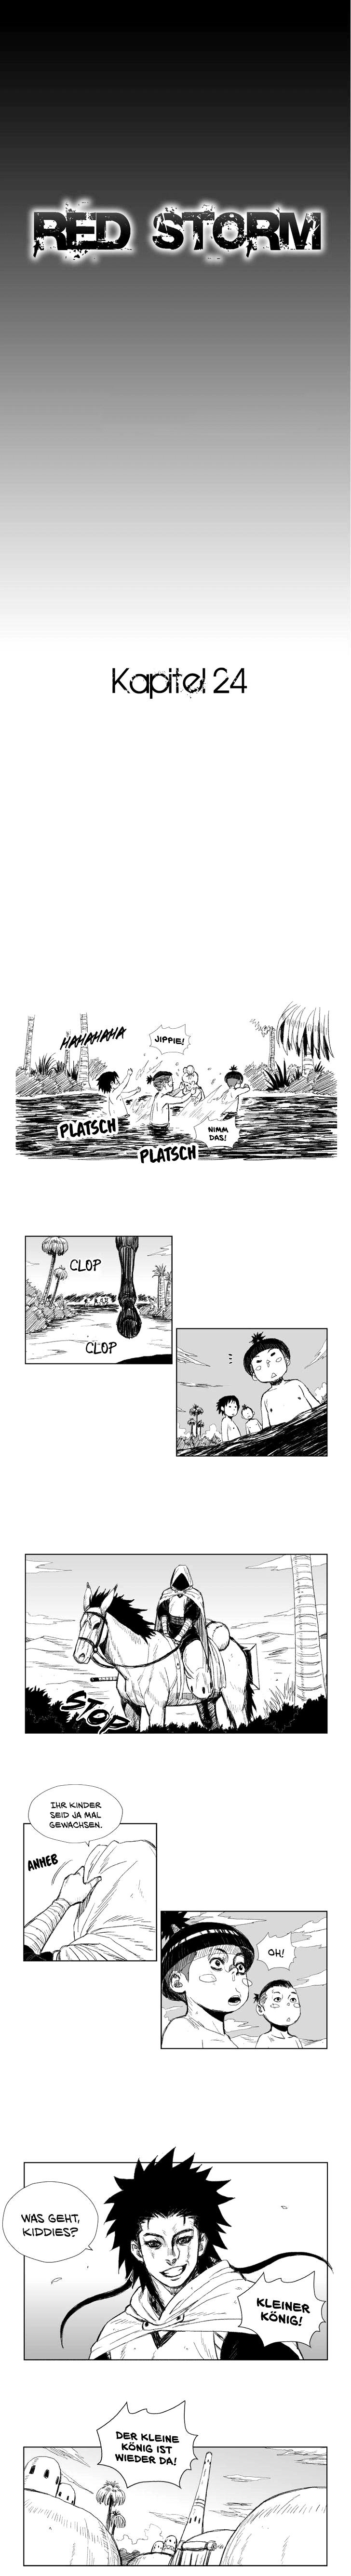 https://wie.mangadogs.com/comics/pic/13/525/201779/Kapitel24_0_727.png Page 1